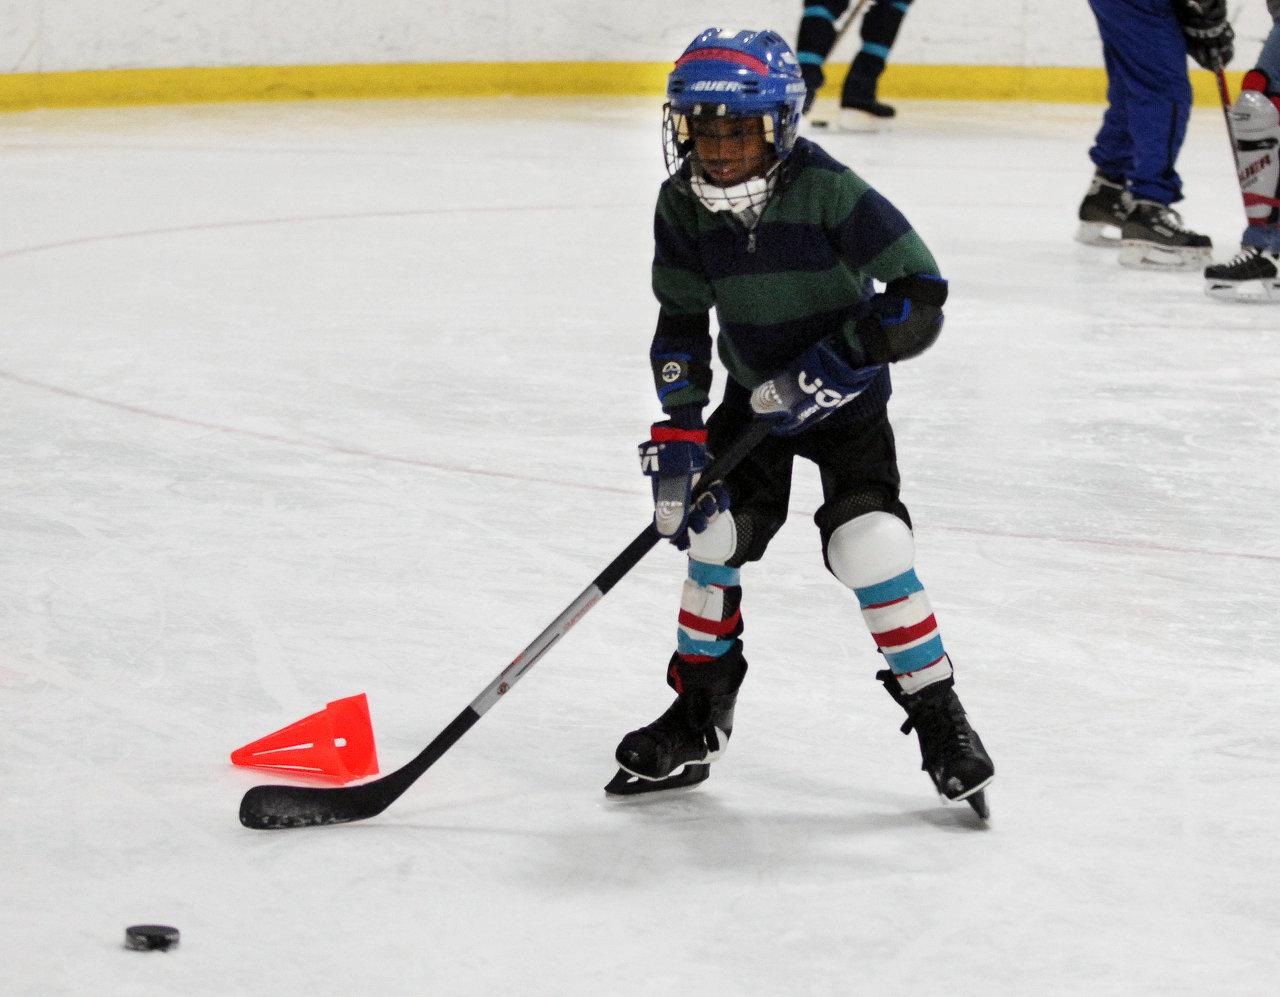 HockeyTrust08_140-35.jpg